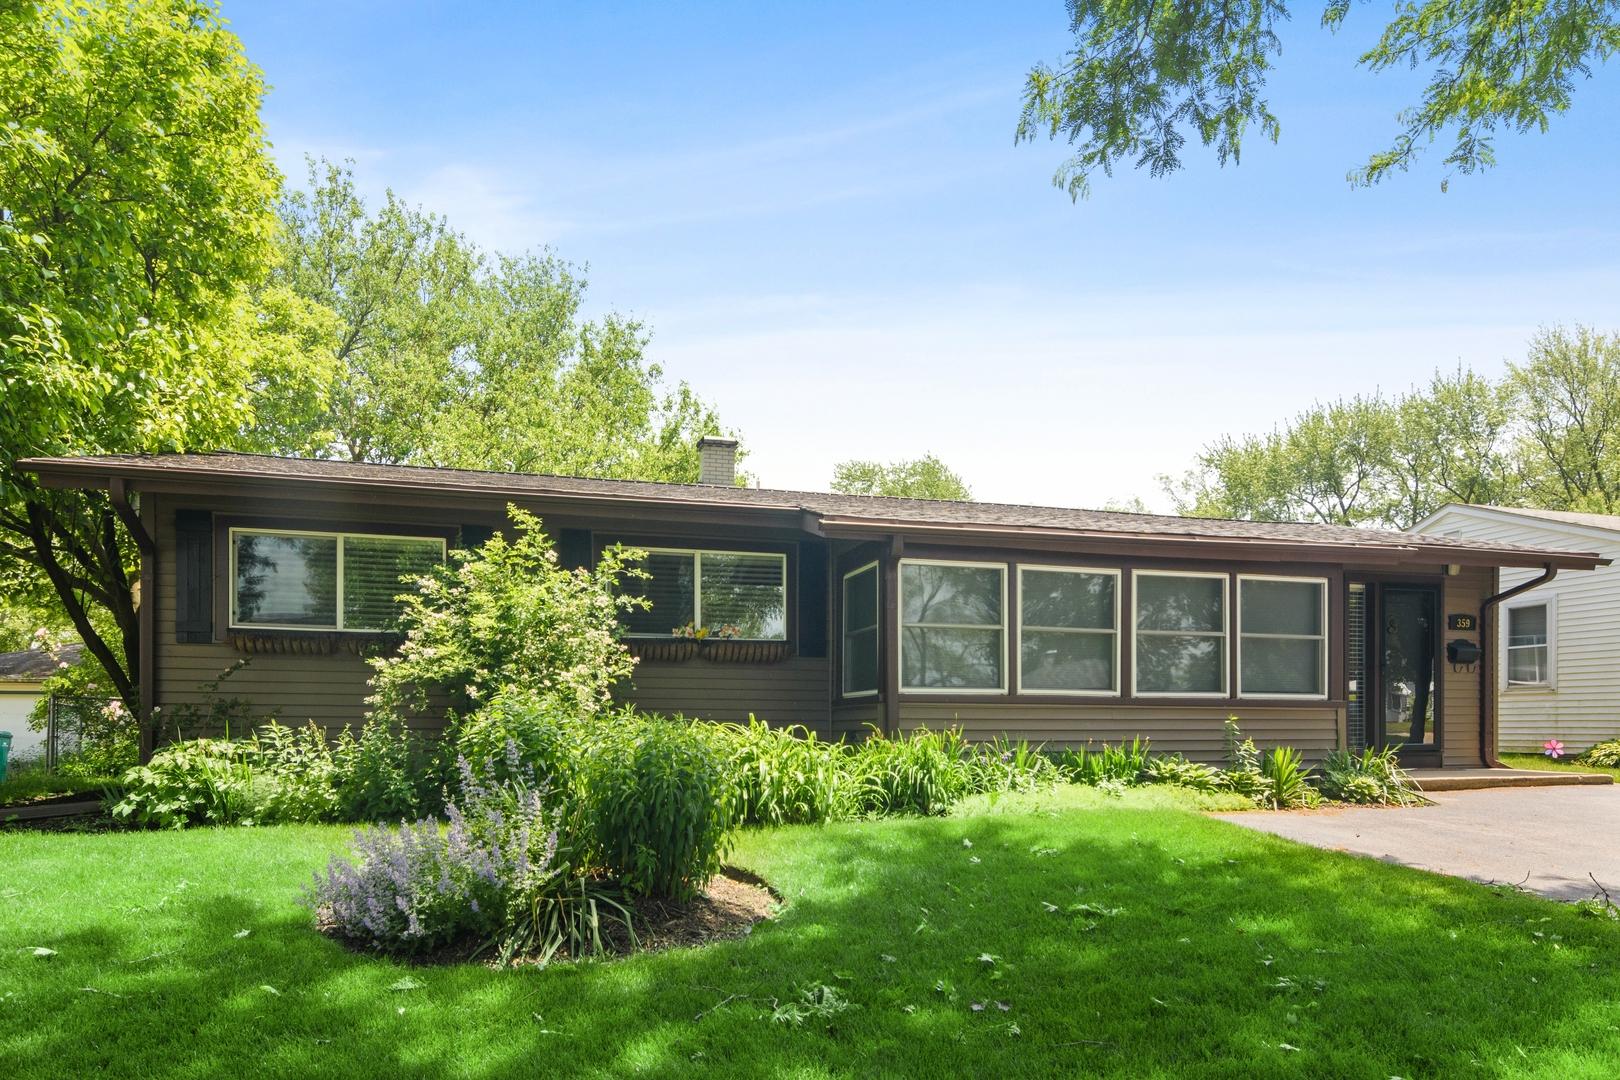 359 Lincoln Terrace, Buffalo Grove IL 60089